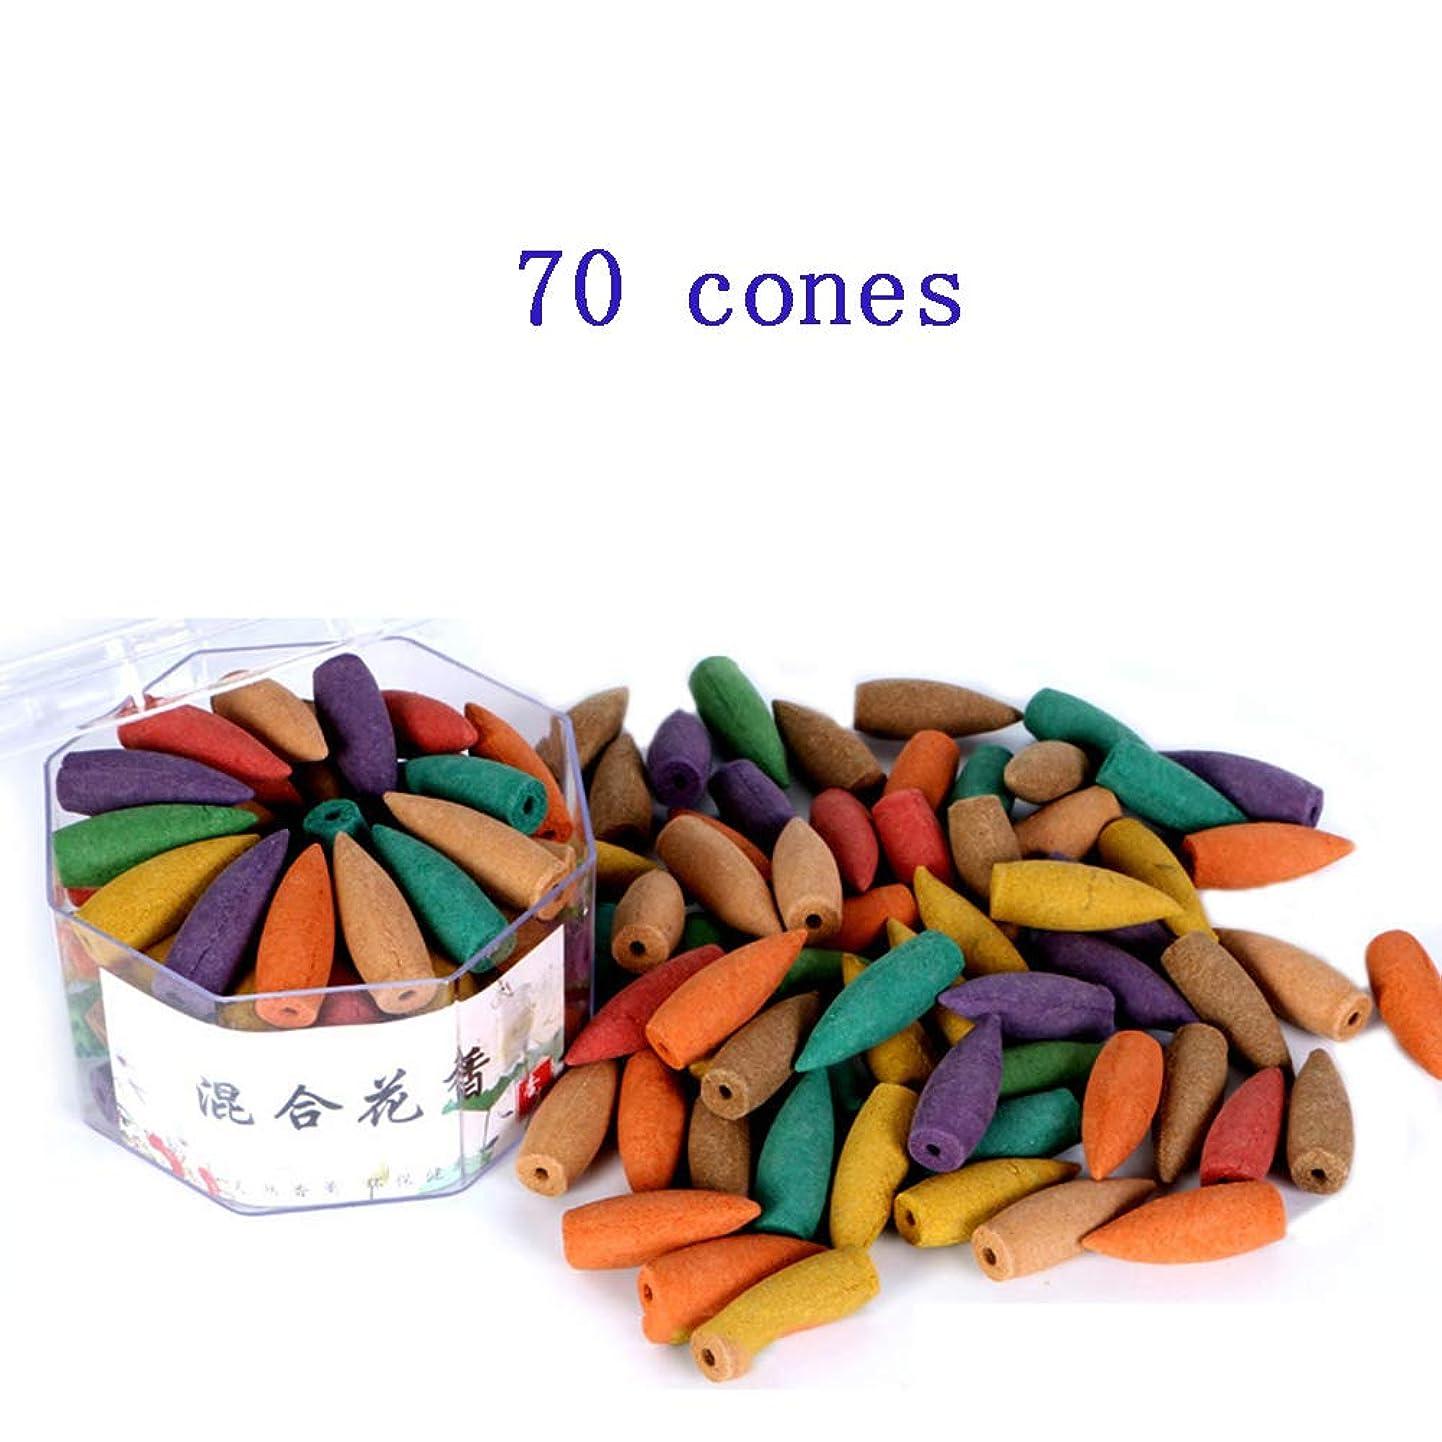 冗談でまた明日ね仮装(In-70mixed) - Corcio 70pcs/box Lengthened Cone Tower Incense Backflow Incense Waterfall Cones for Incense Burner Holder about 15 Mins-Mixed incense